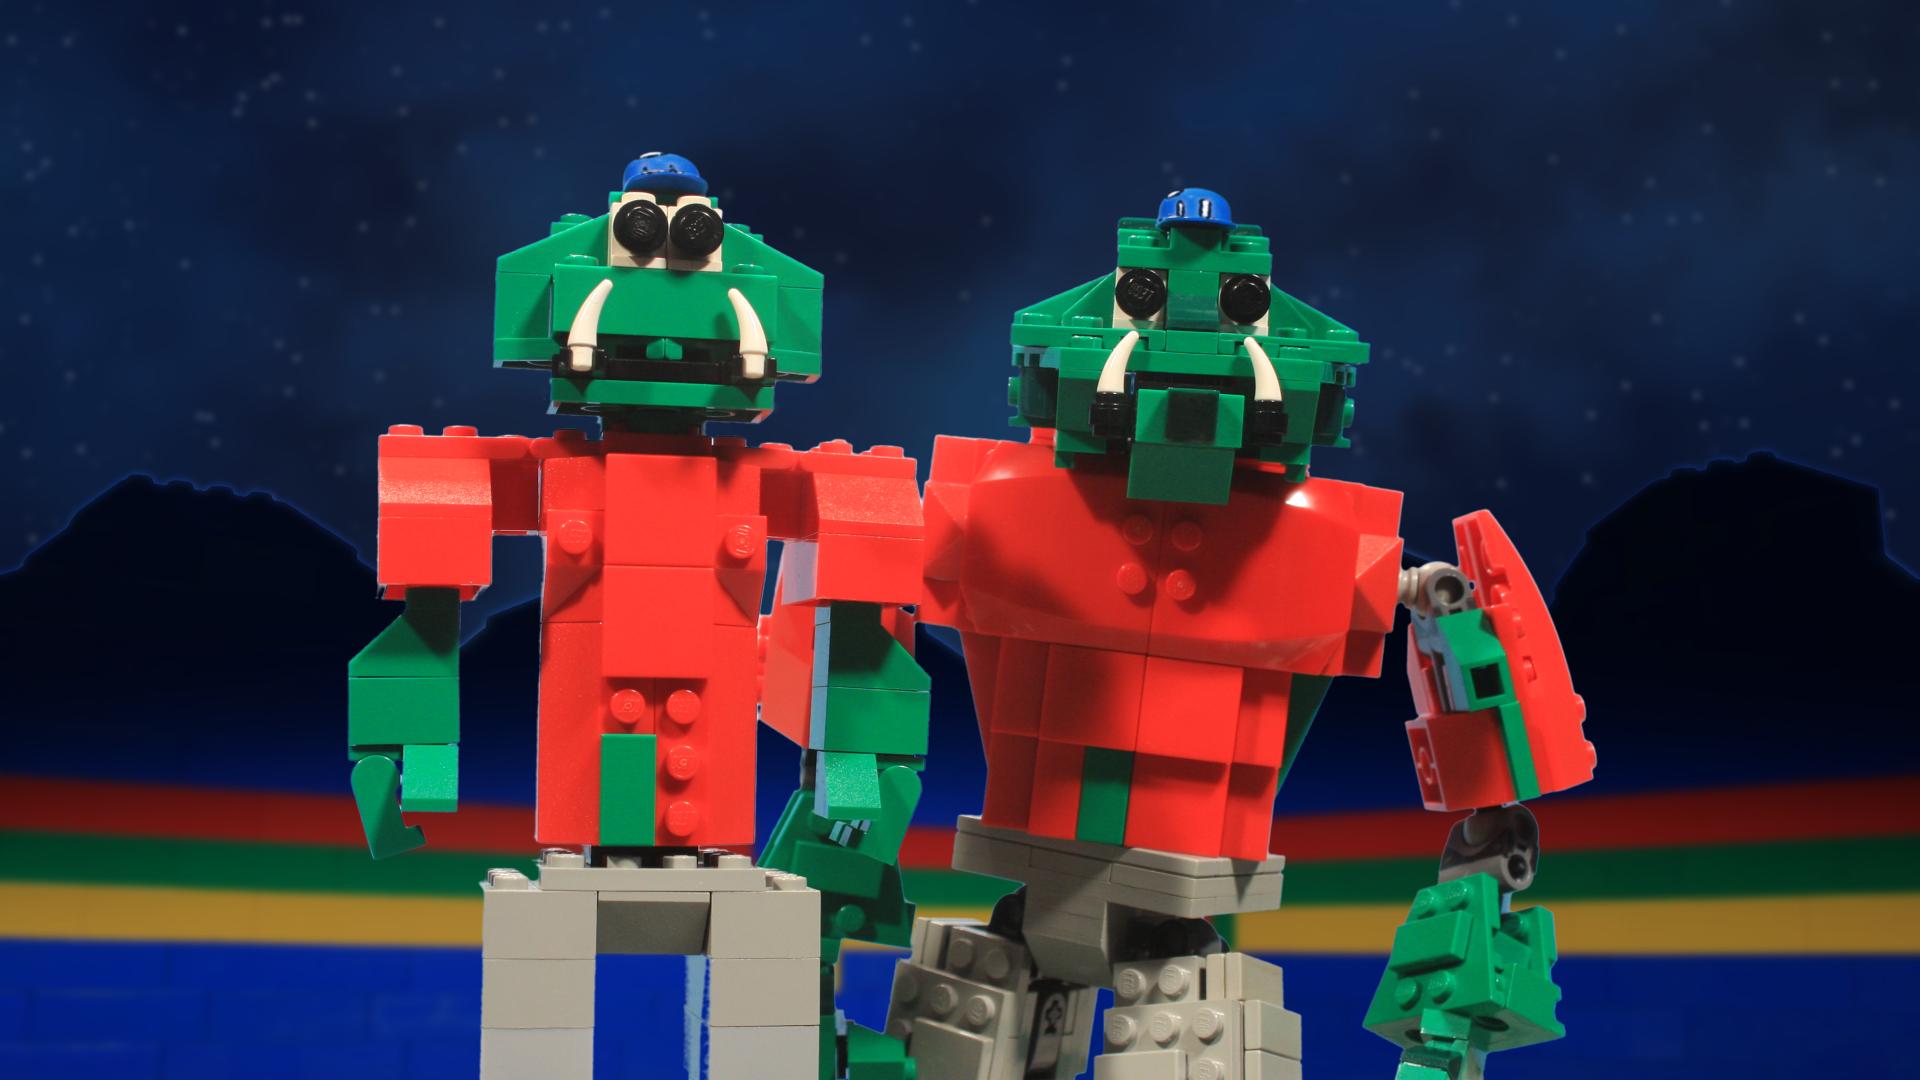 Zack, the LEGO Maniac